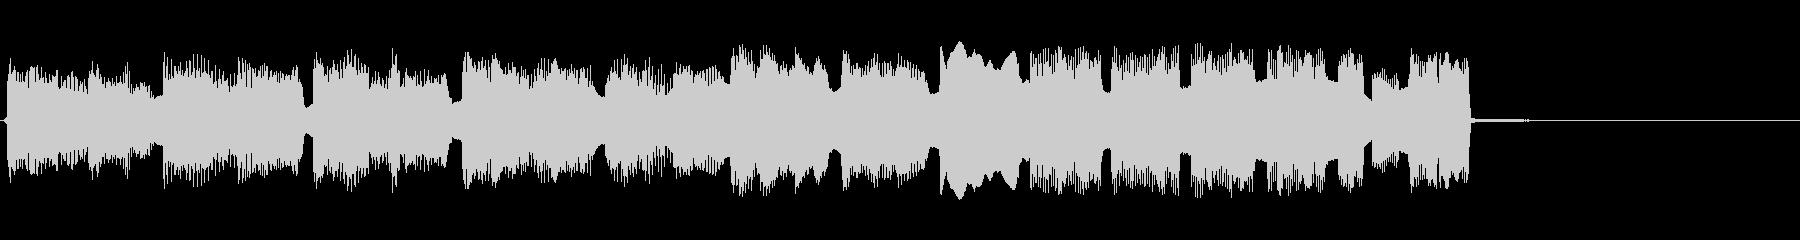 スチールギター:ロングビルディング...の未再生の波形